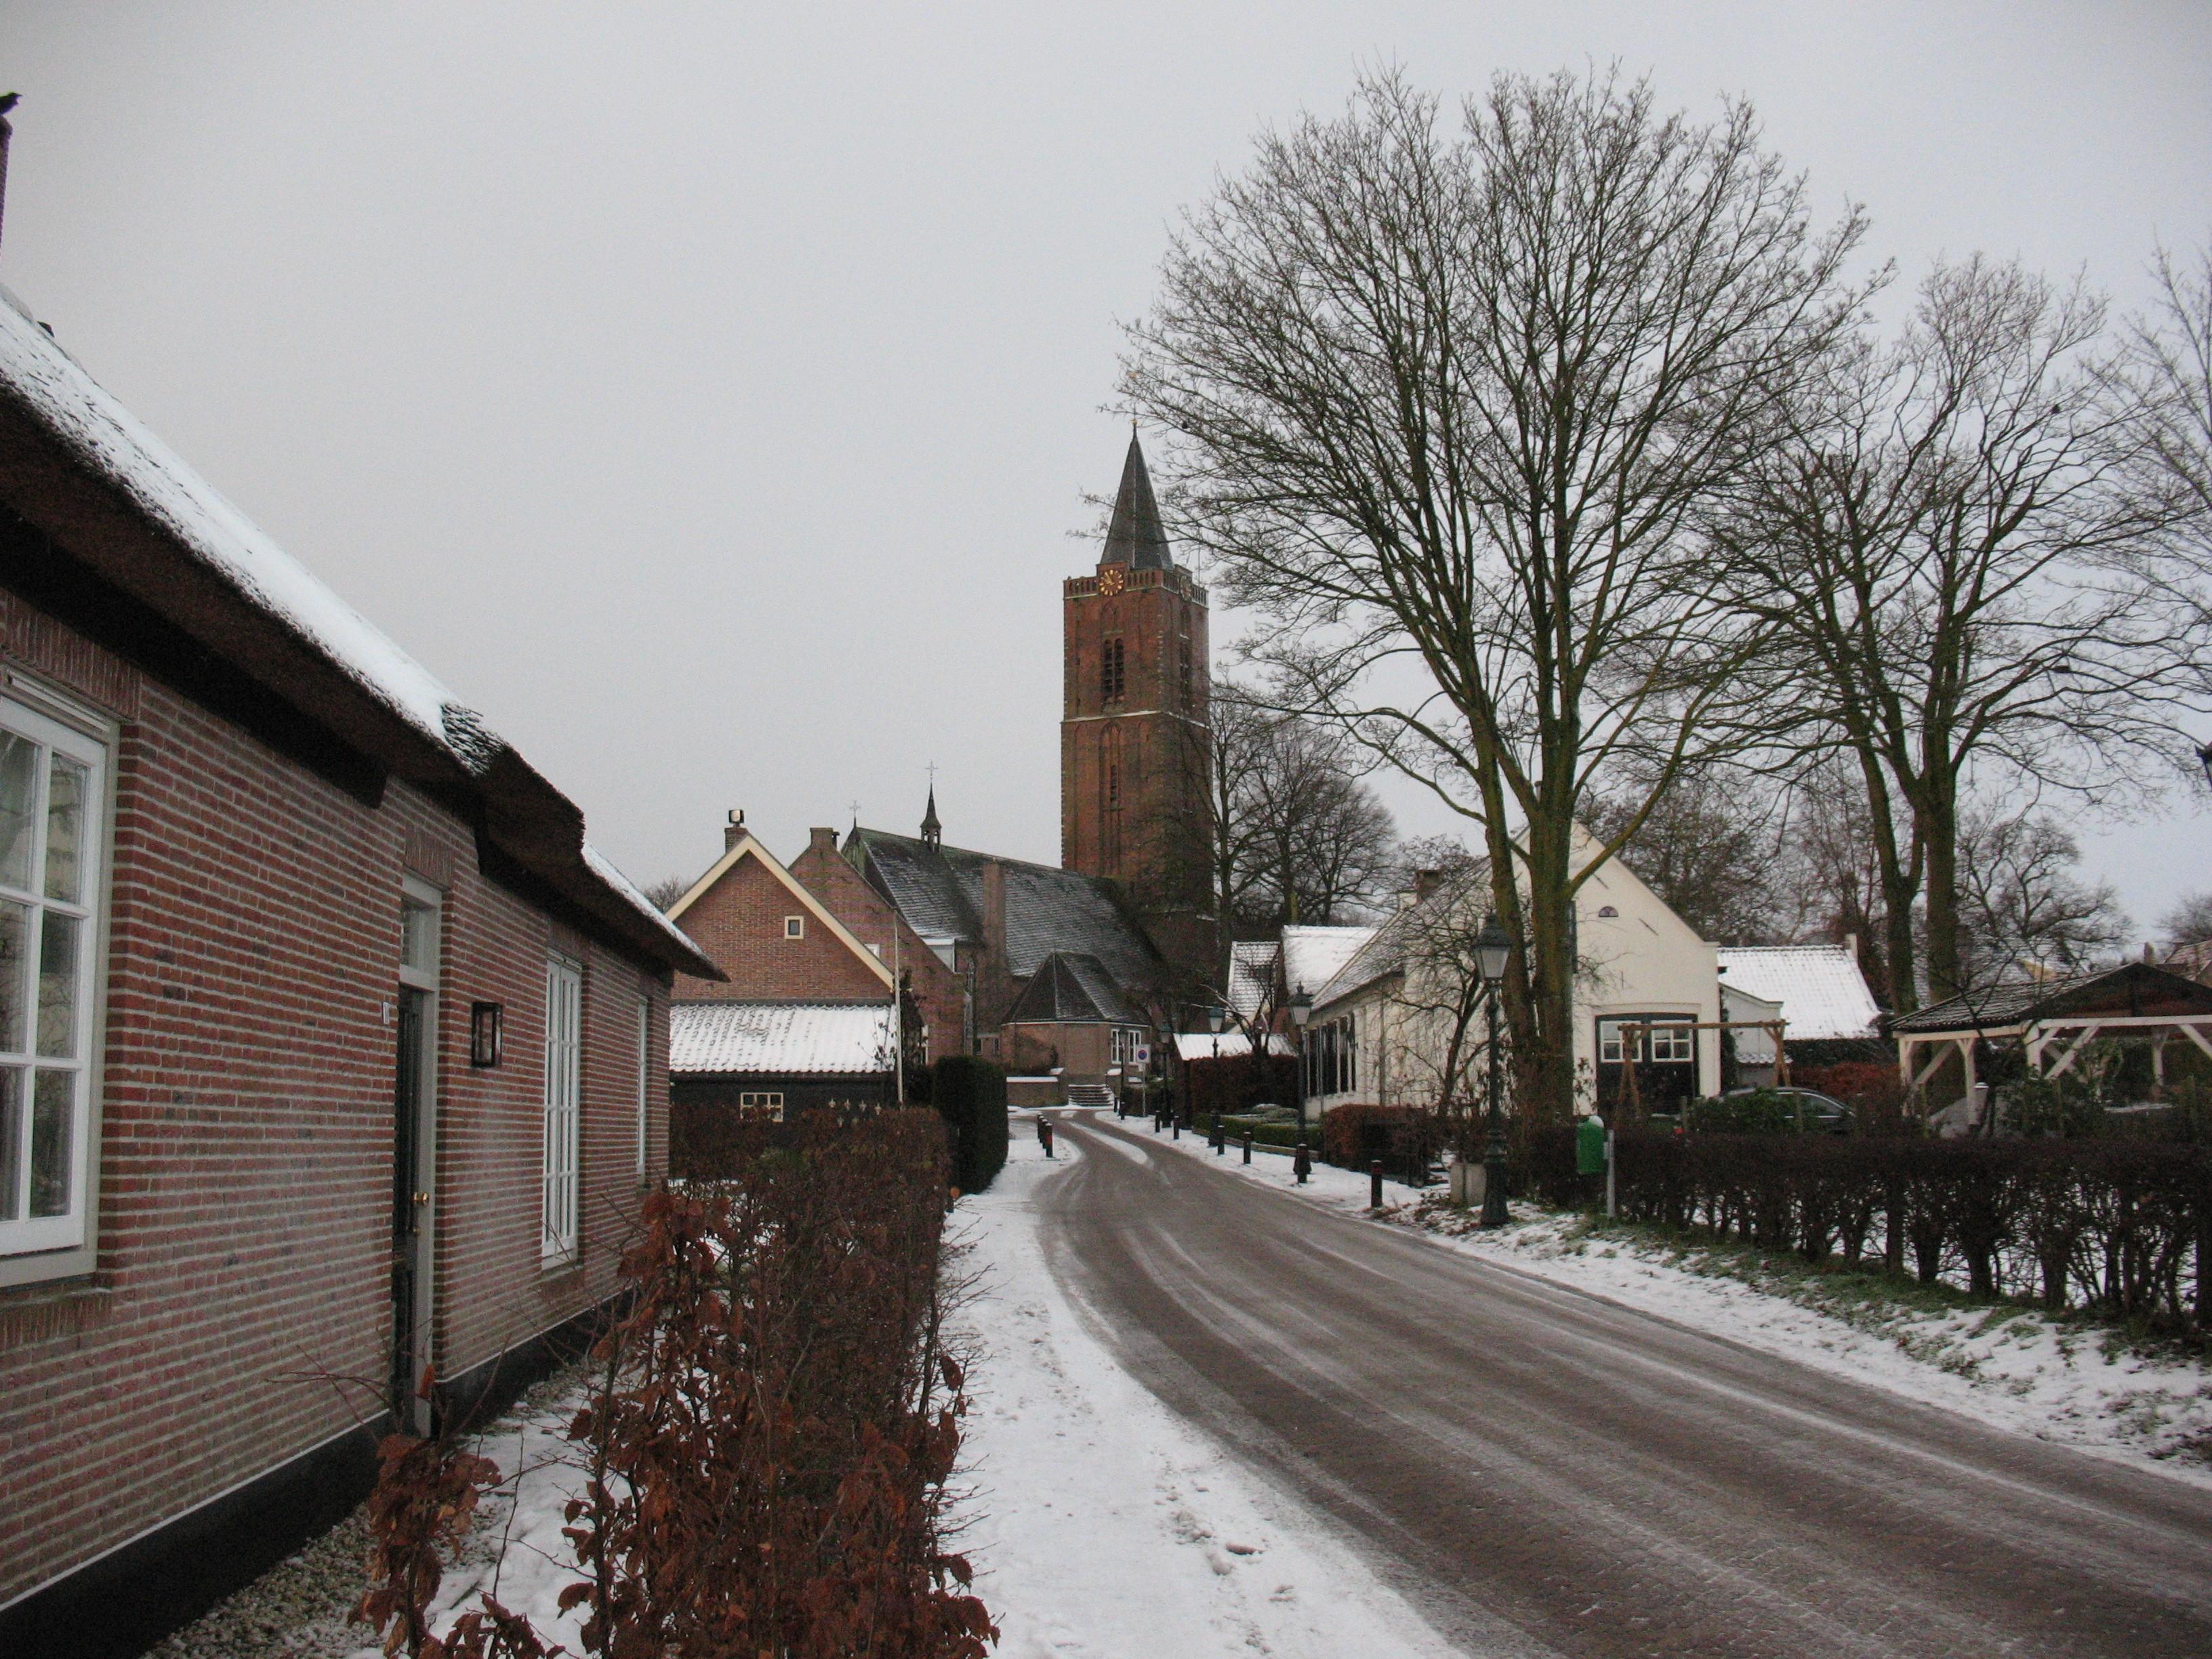 Krachtig klokgebeier tijdens Oud en Nieuw: Baarn en Soest doen mee, CDA roept ook op tot geklingel in Hilversum en Huizen; Soester burgemeester Metz: 'Desnoods ga ik zelf aan de touwen hangen om de klok te luiden'